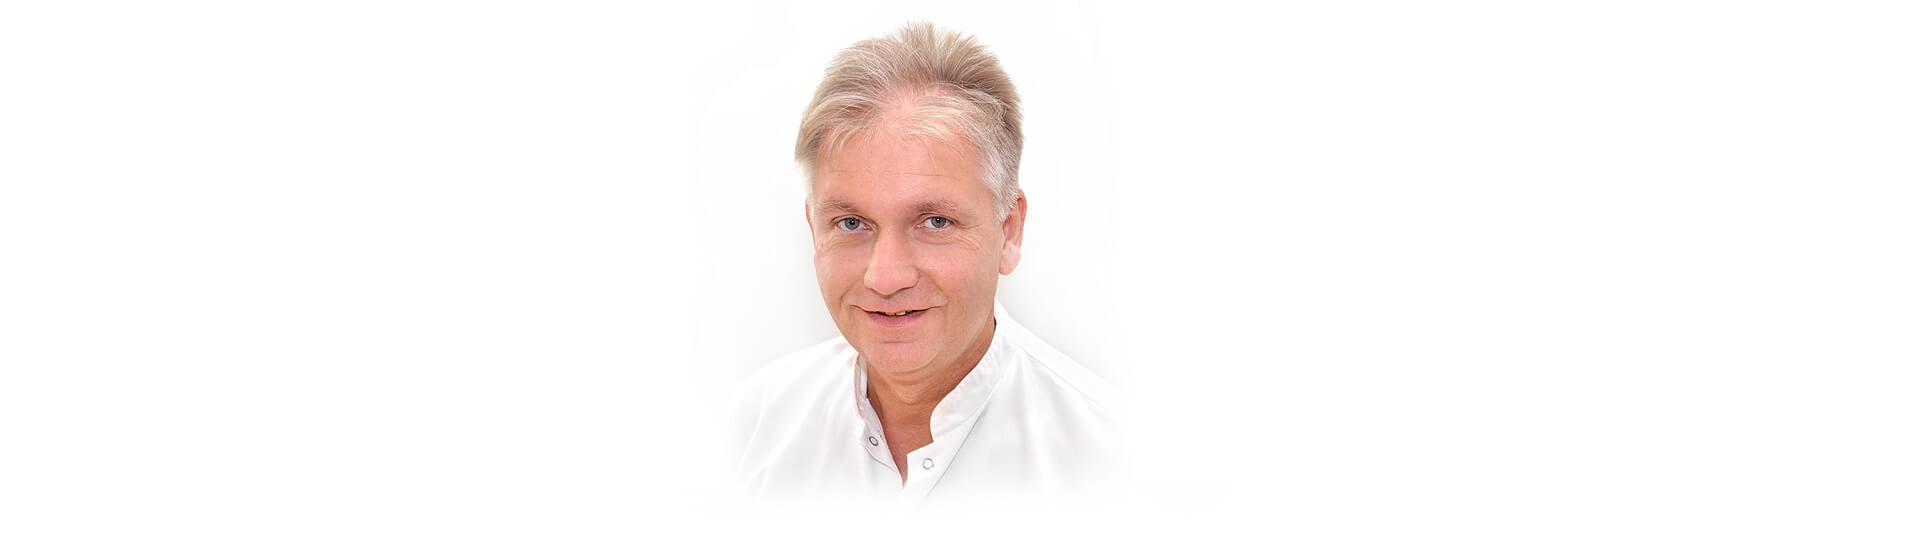 Headerbild Dr. Gastmann